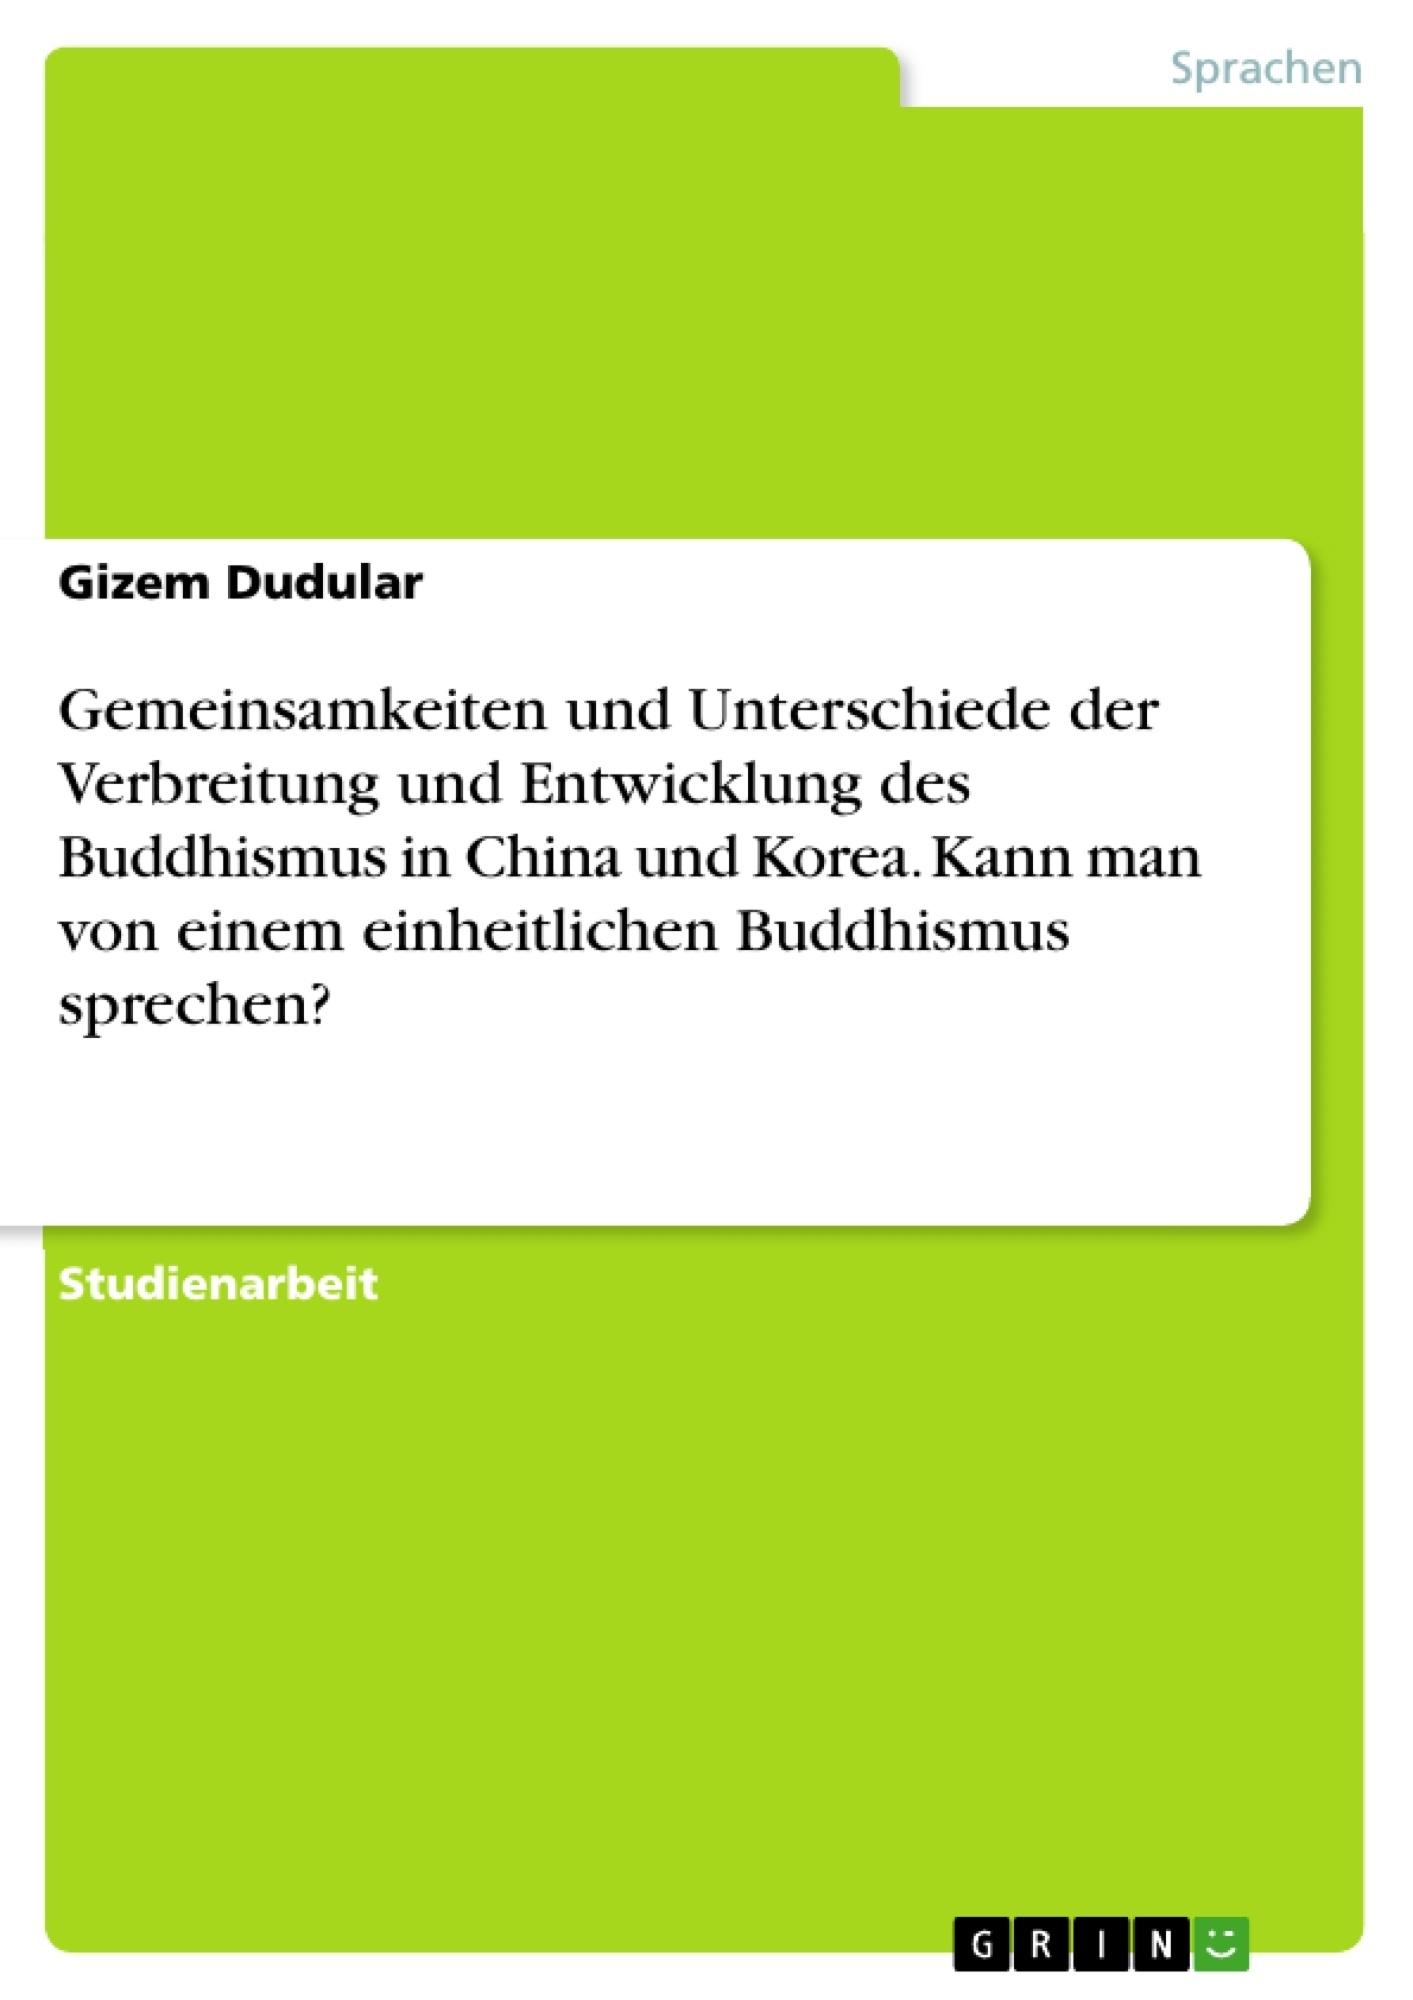 Titel: Gemeinsamkeiten und Unterschiede der Verbreitung und Entwicklung des Buddhismus in China und Korea. Kann man von einem einheitlichen Buddhismus sprechen?